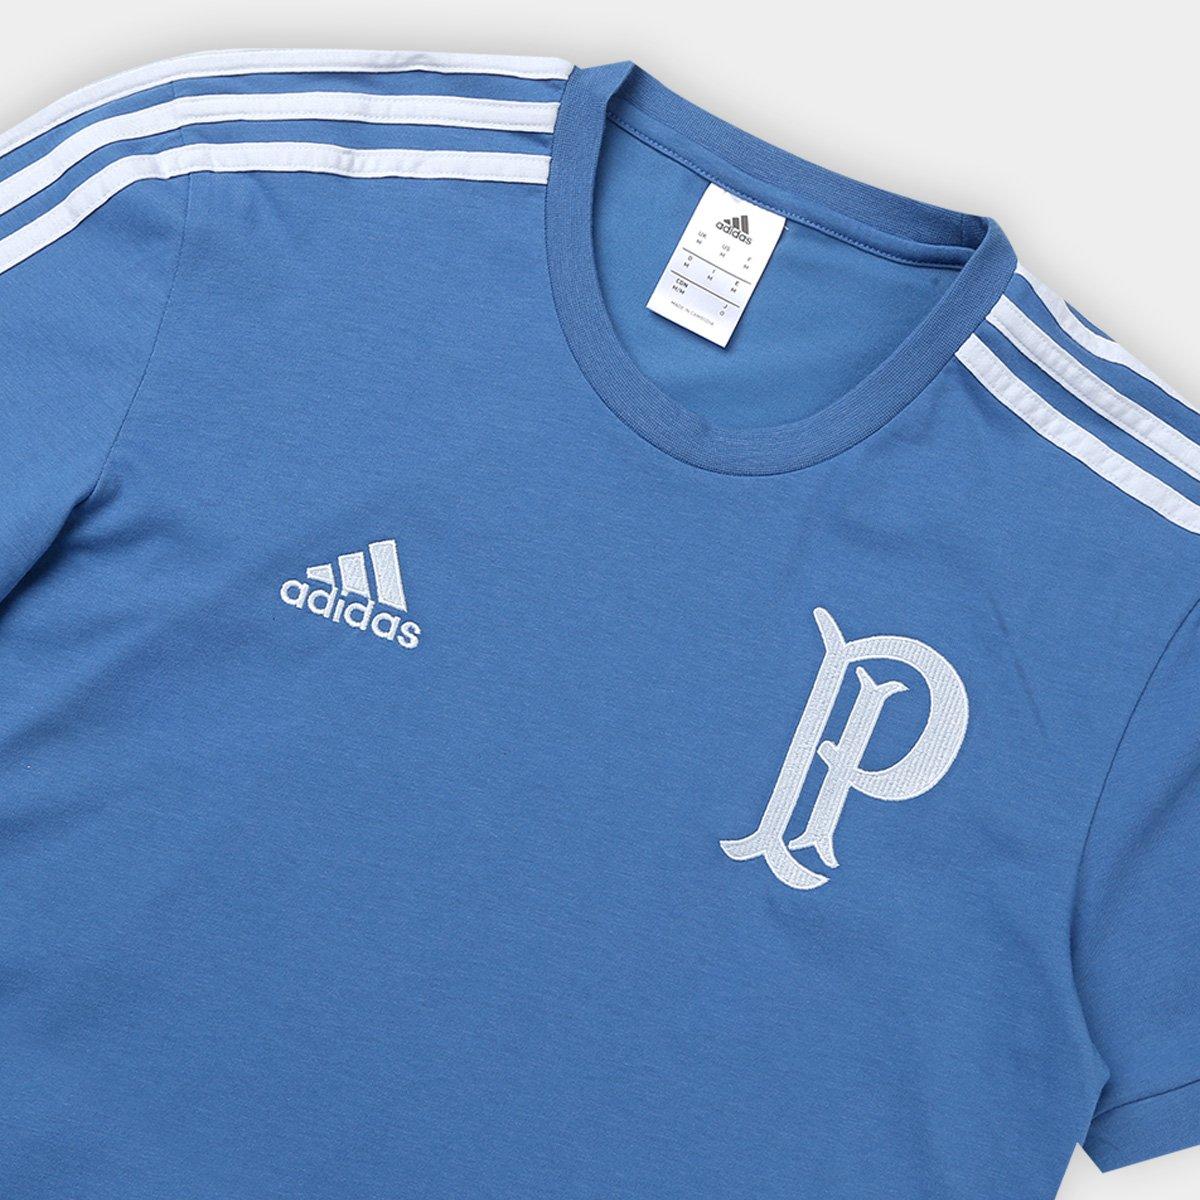 Carregando zoom. 36a9bca4cdb674  Camiseta Palmeiras Viagem Adidas Masculina  - Compre Agora Netshoes baa7aa4b7416a8 ... 89b96a5b99bec